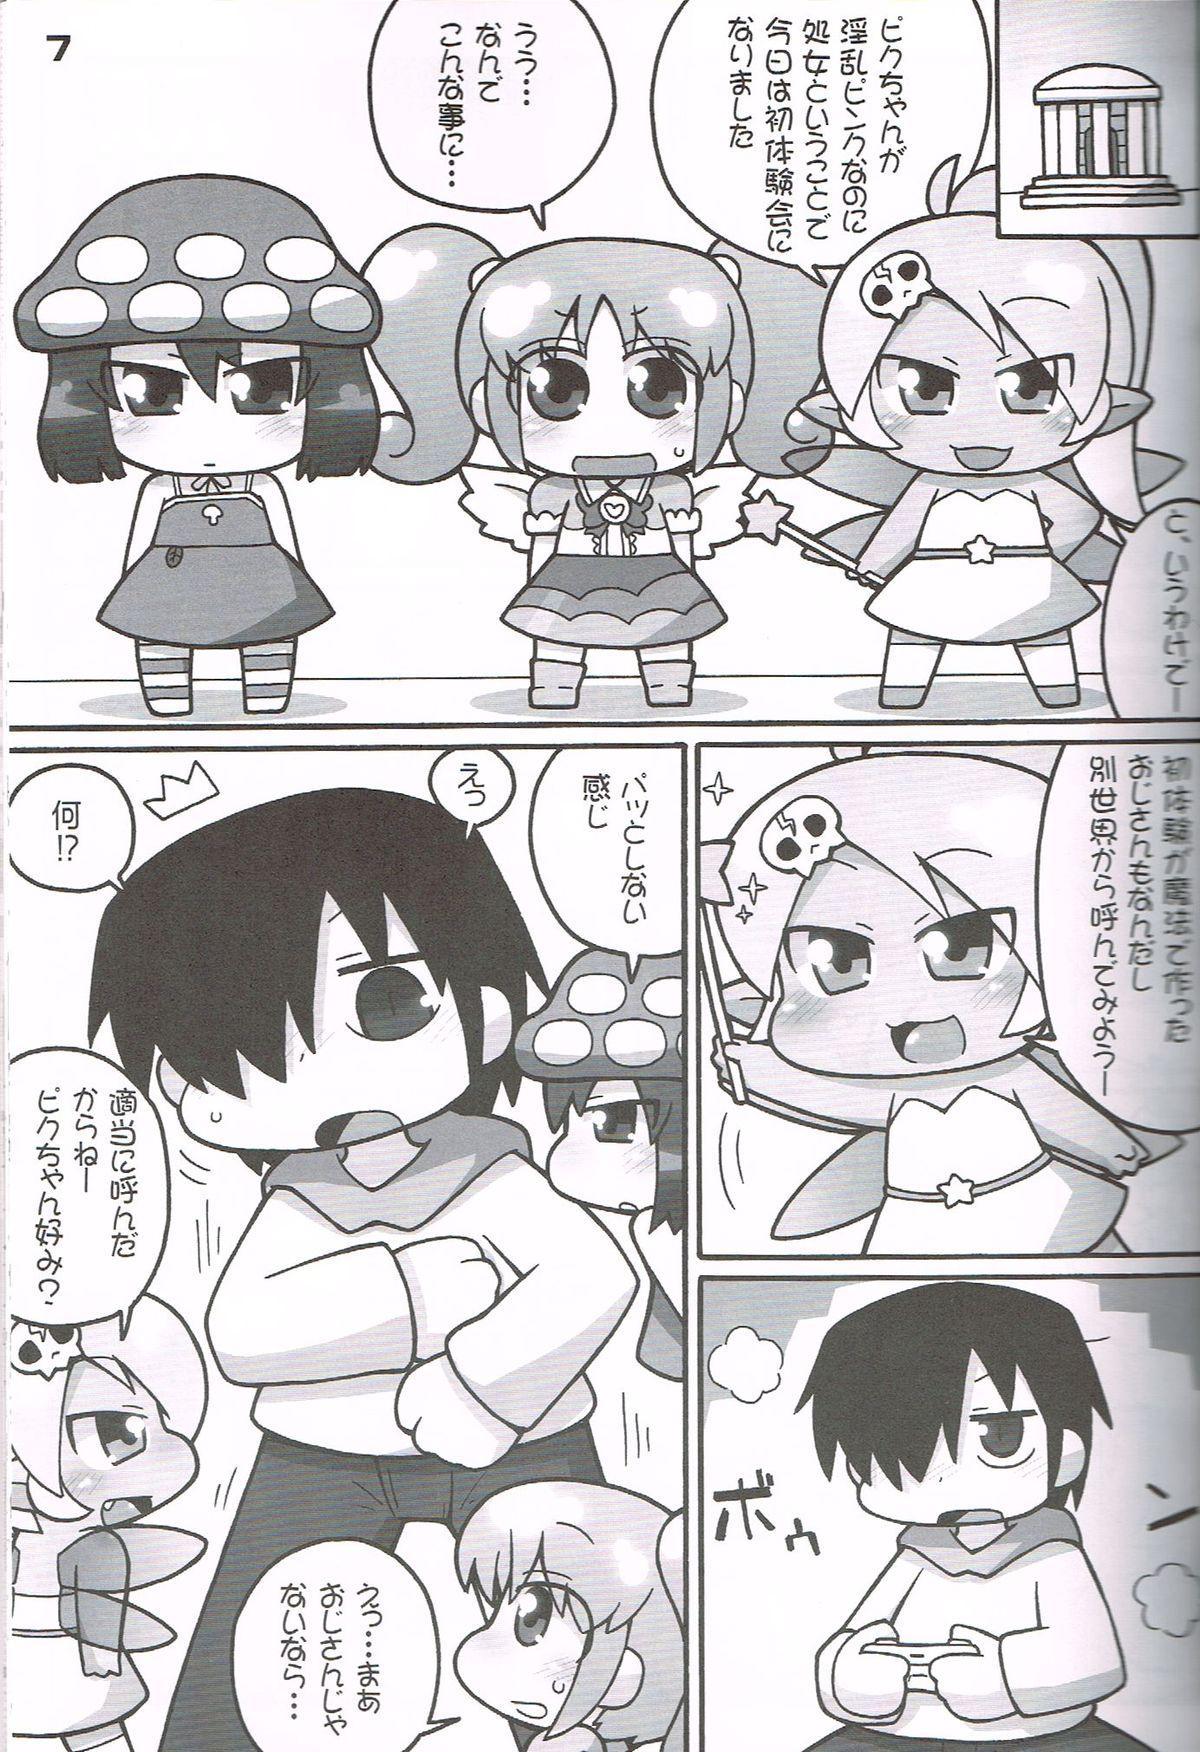 """Hatashite Konofuyu Nansatsu no Doujinshi ga """"○○ Fairies"""" Toiu Title Darouka 5"""